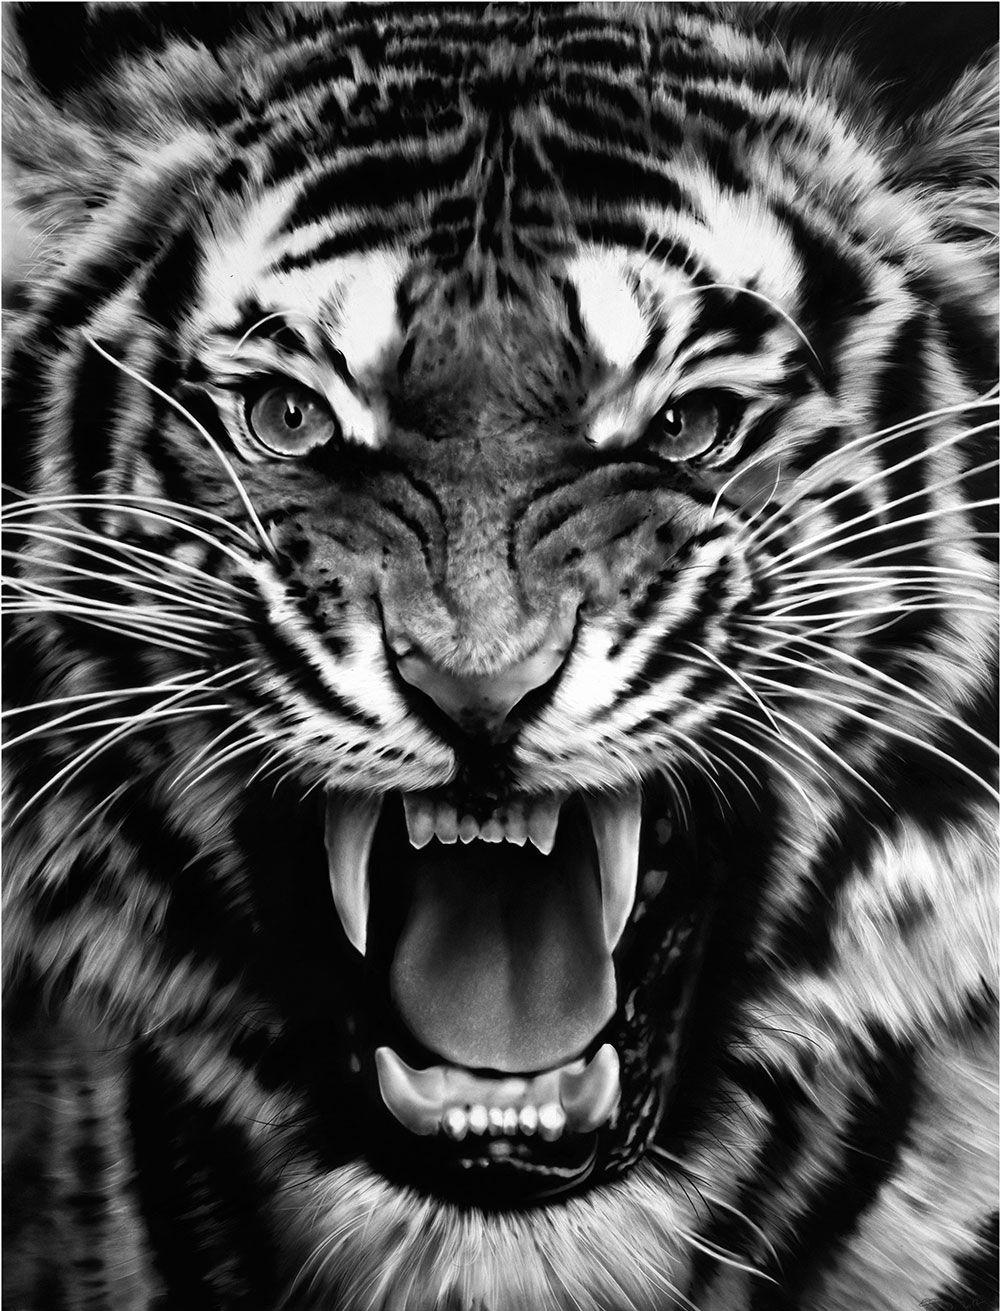 Pin De Adriana Hernandez Em Tattoos Rosto De Tigre Tatuagem De Animais Imagem De Tigre Tiger tattoo design wallpaper